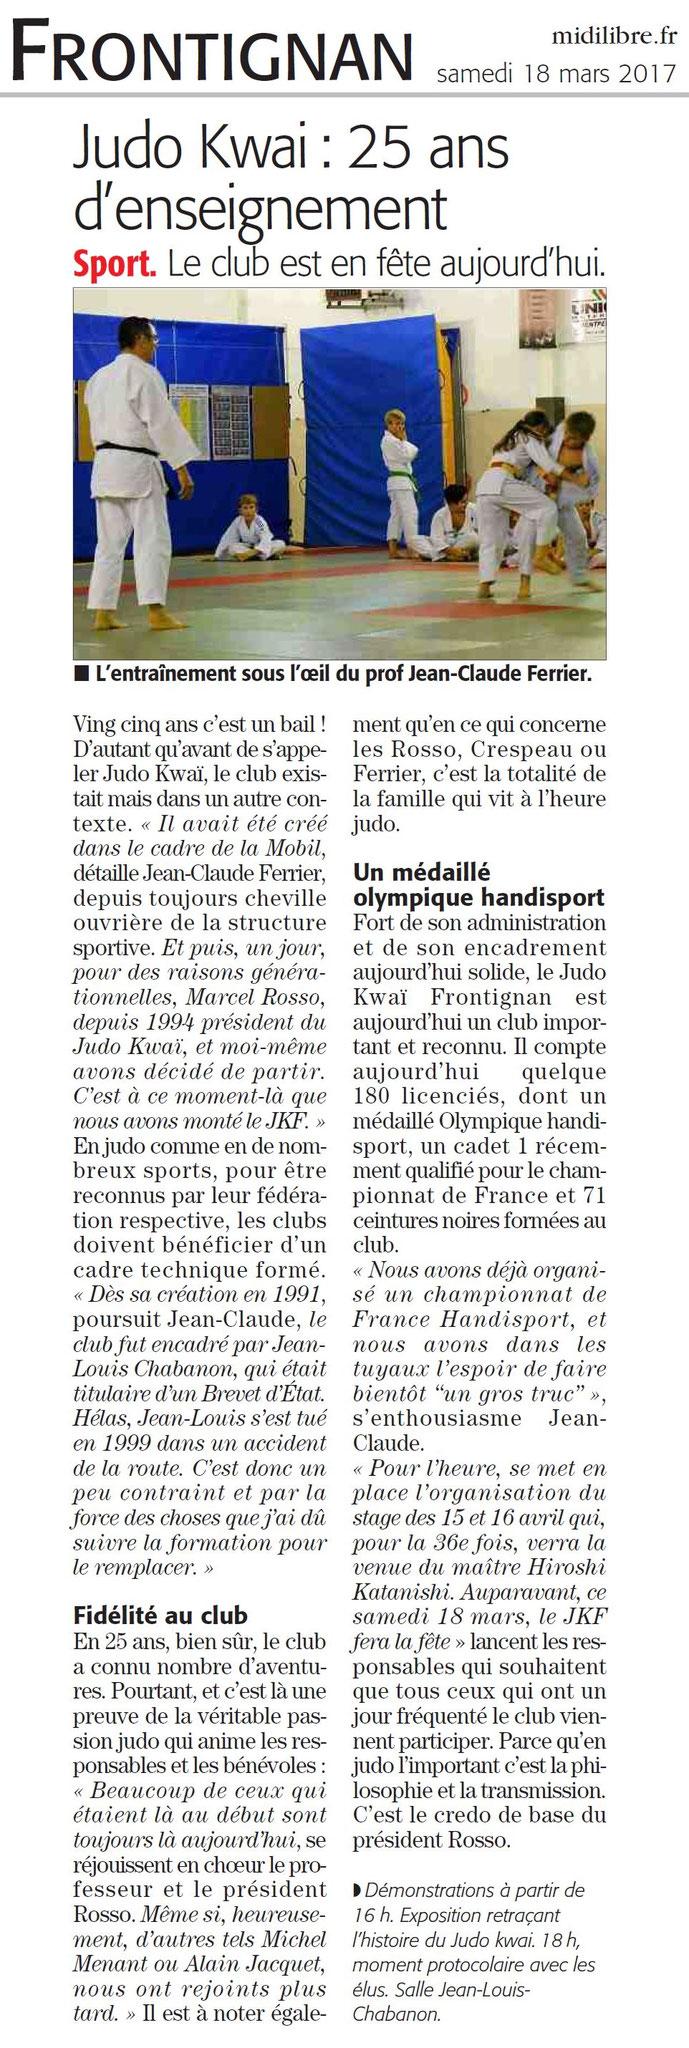 18 Mars 2017 (Midi Libre): Interview avant l'Anniversaire du Quart de Siècle